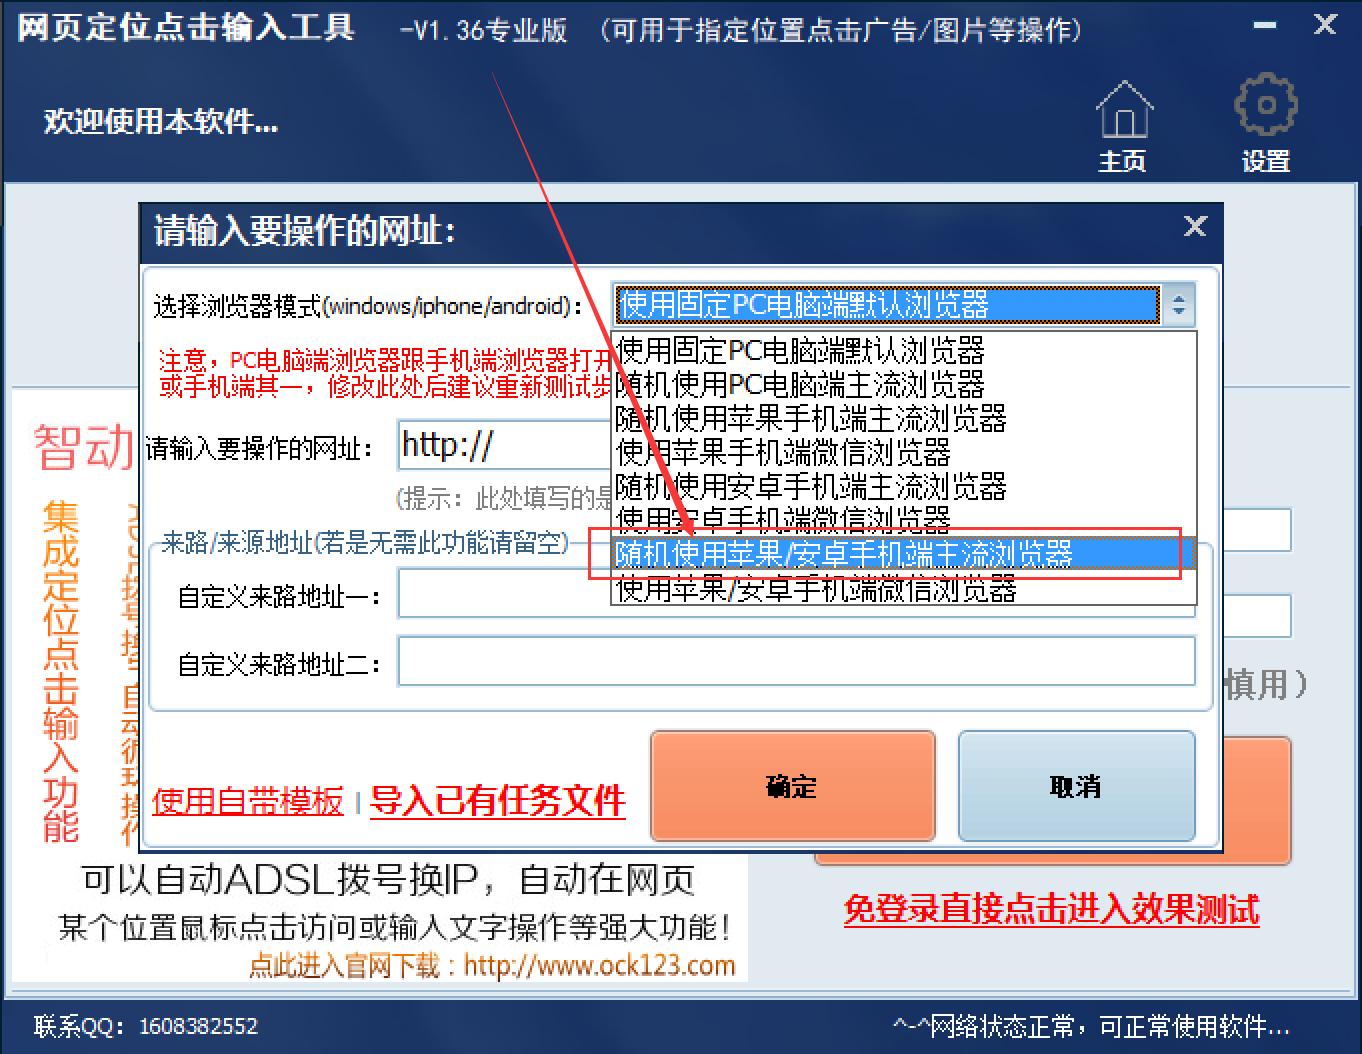 怎么使用定位点击输入工具给网站刷安卓/苹果手机的搜索点击访问量?